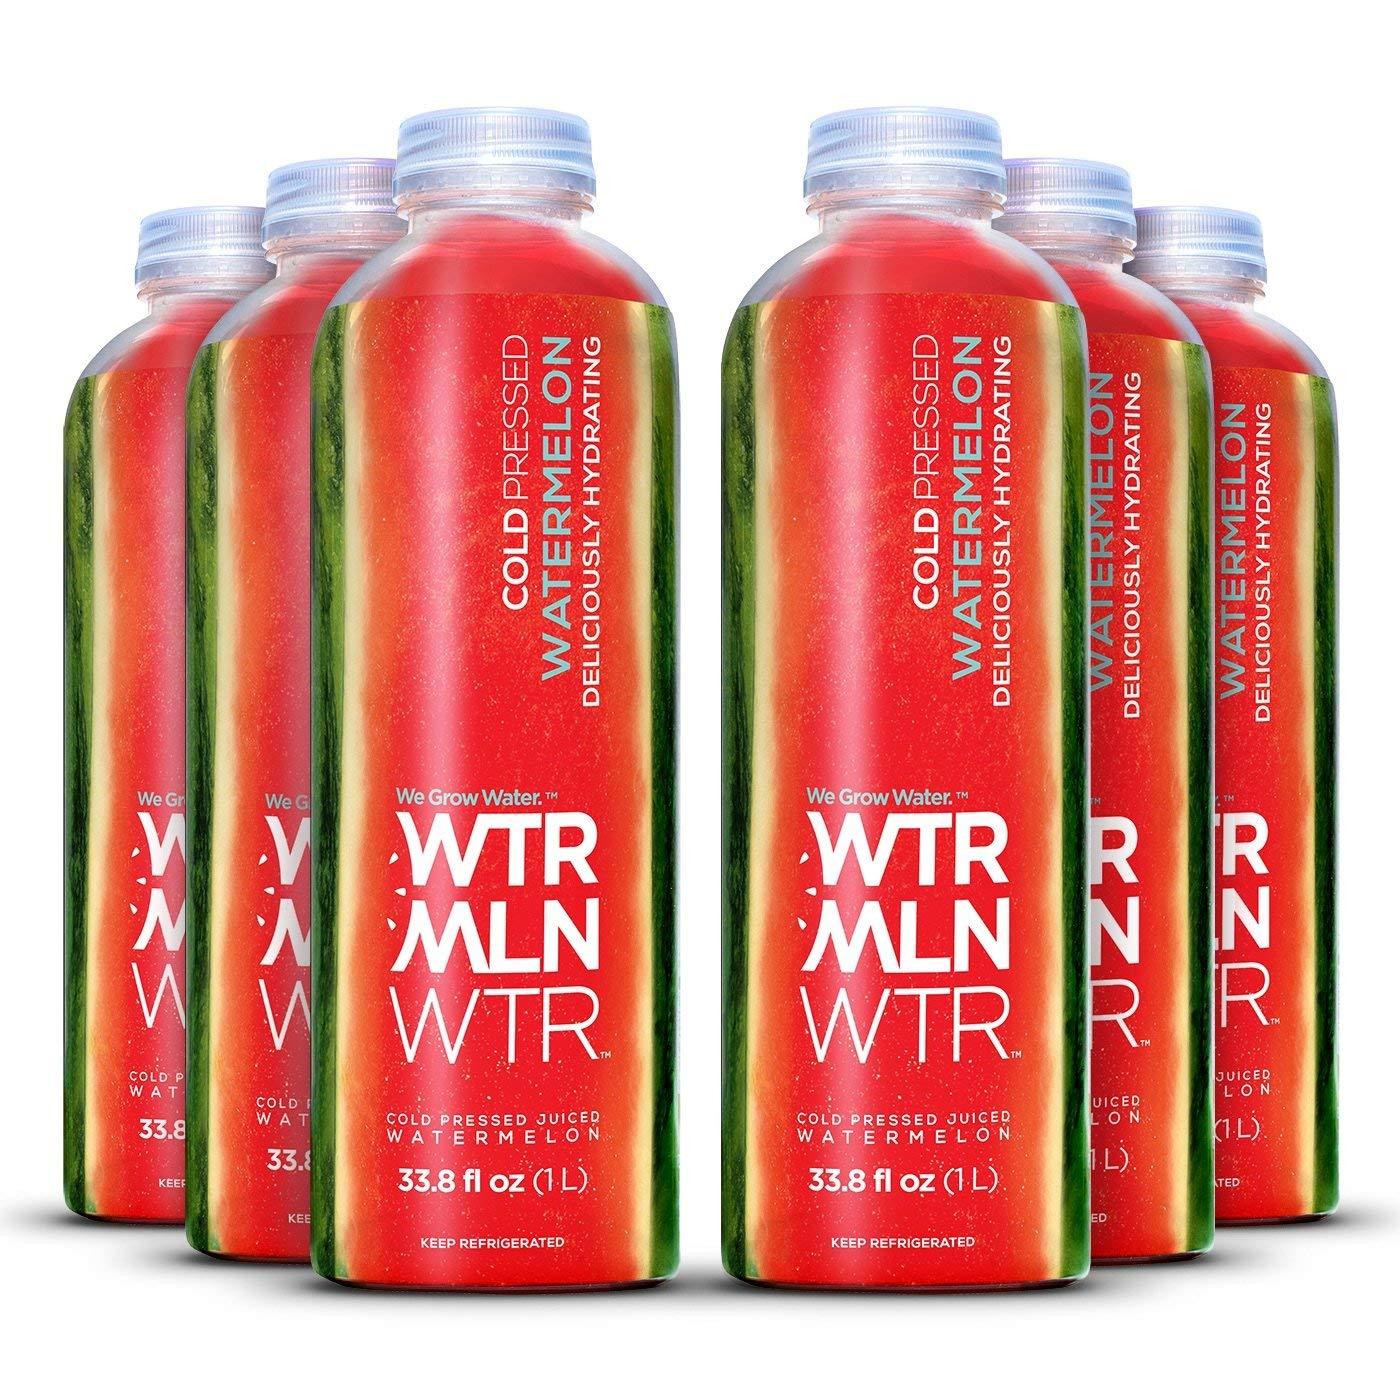 WTRMLN WTR Original Cold Pressed Juiced Watermelon, Original, 1 Liter Bottles (Pack of 6)